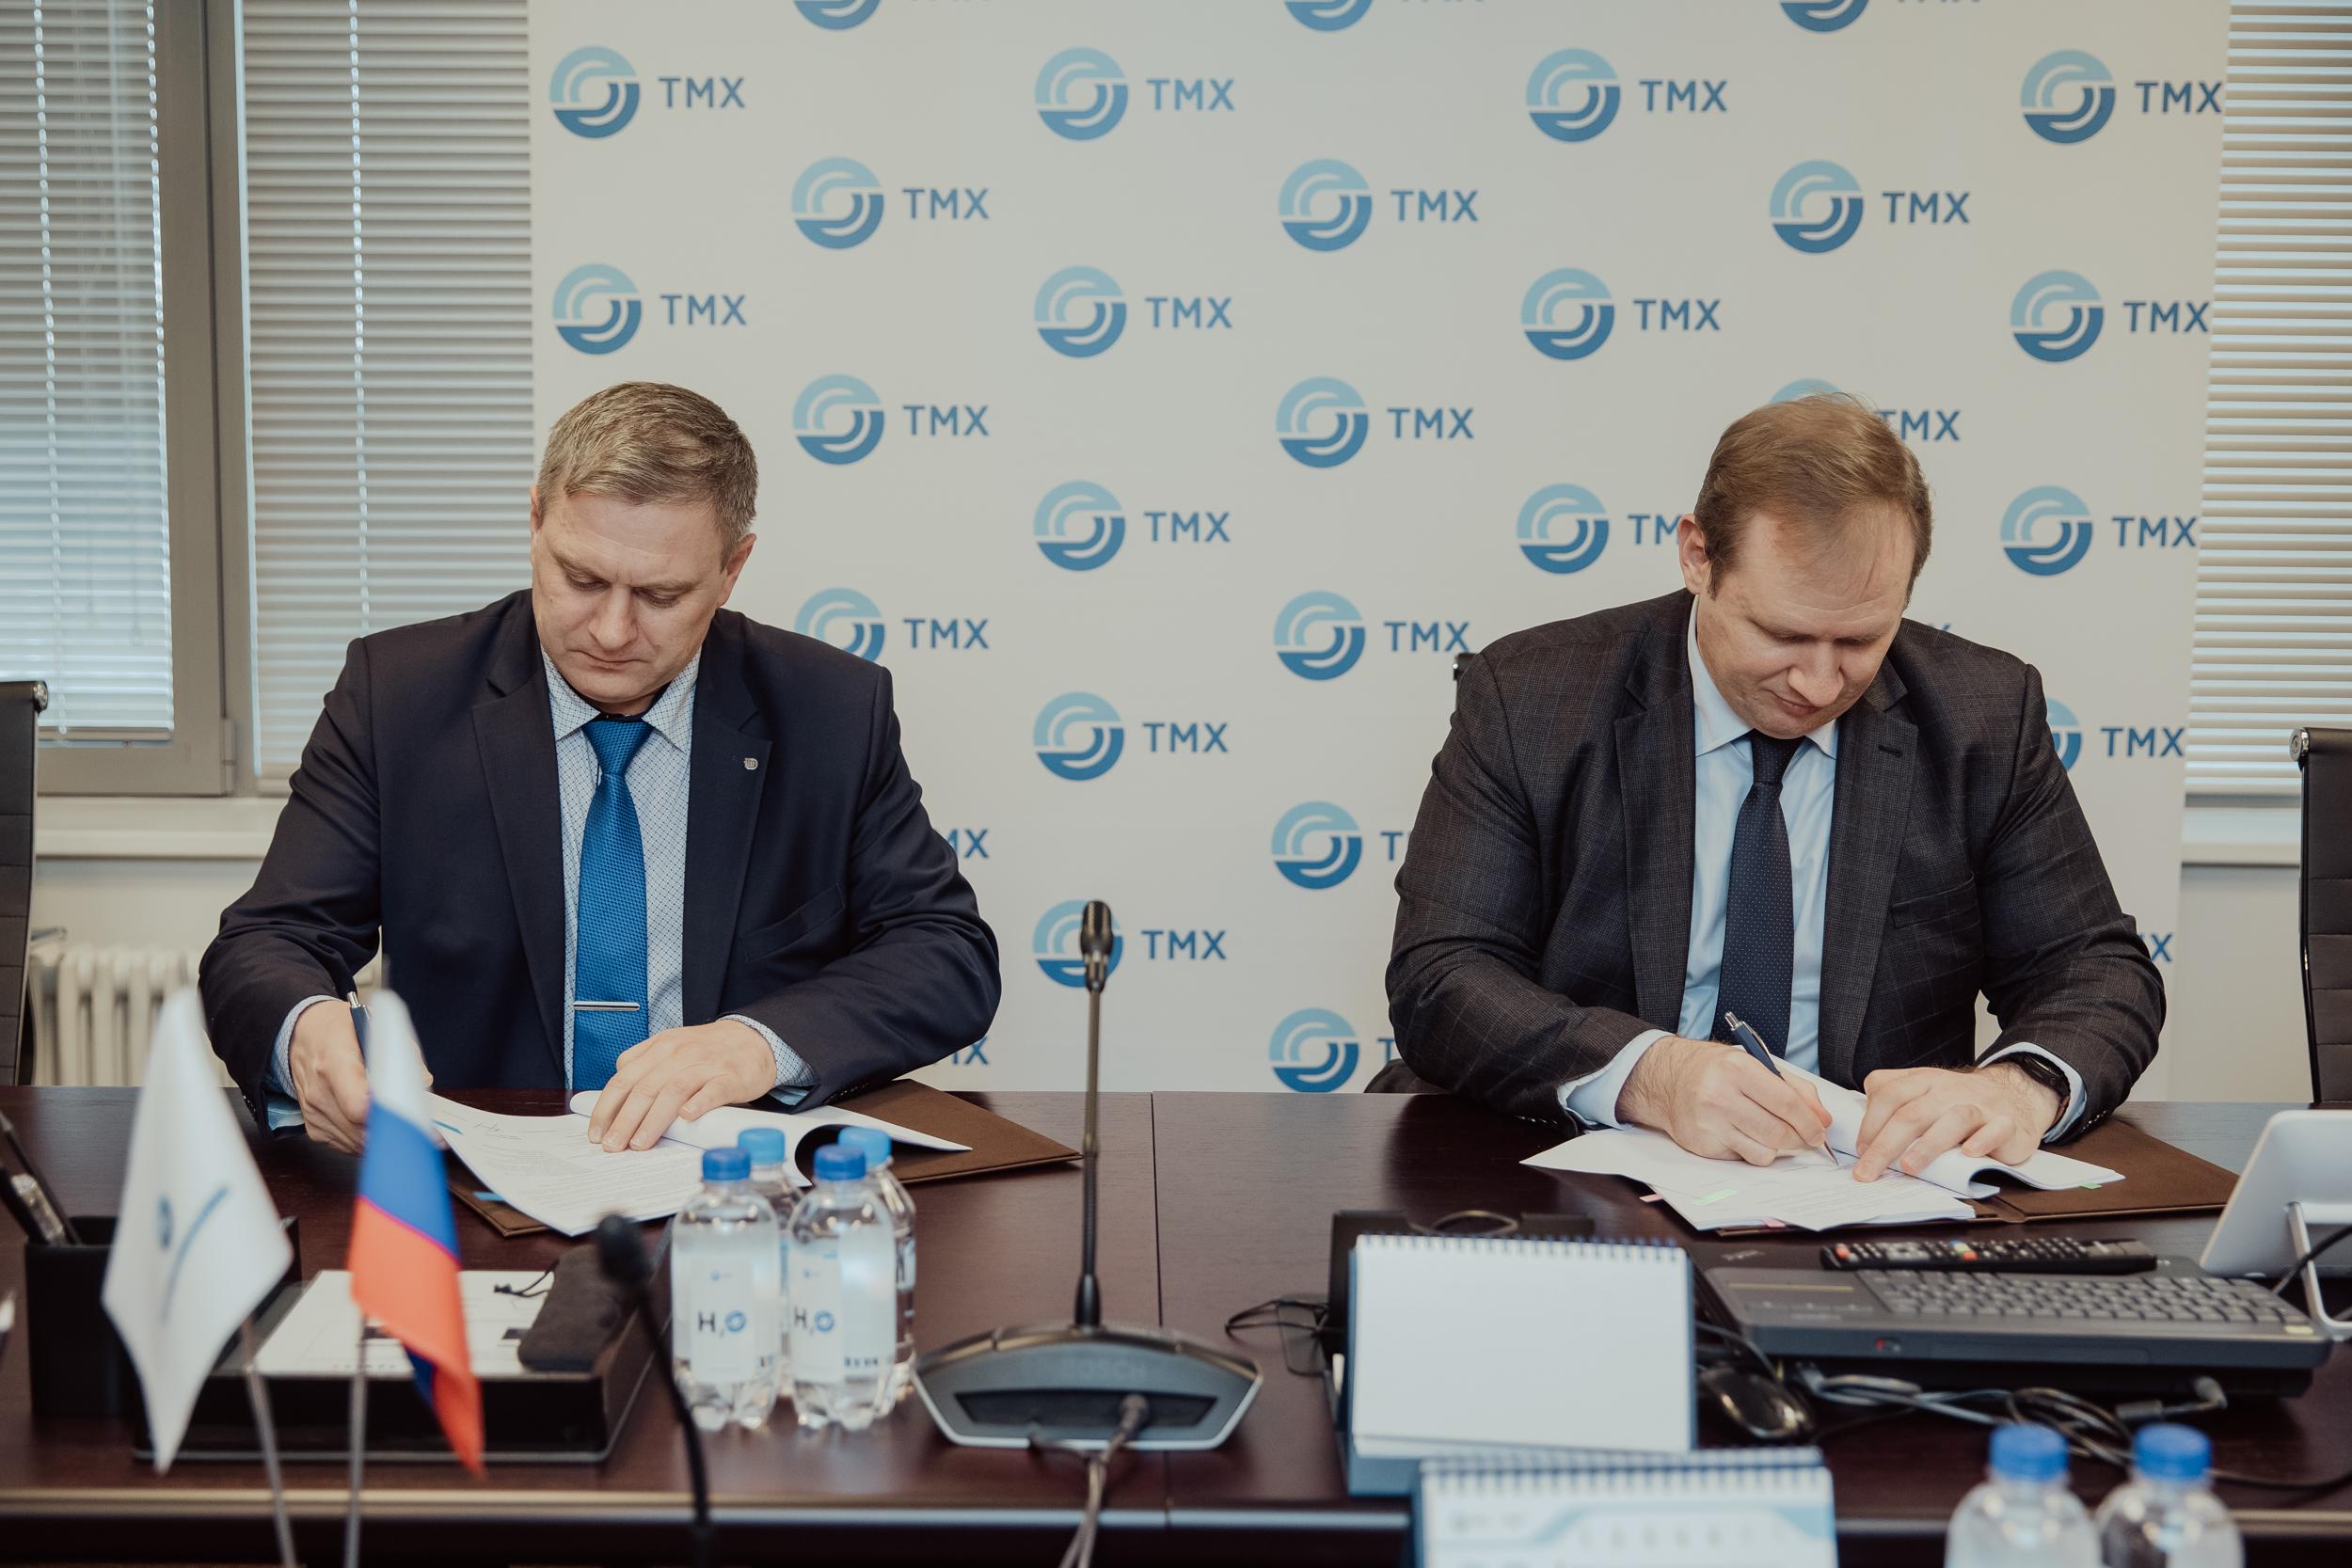 Тверской вагоностроительный завод отправит вагоны в Армению